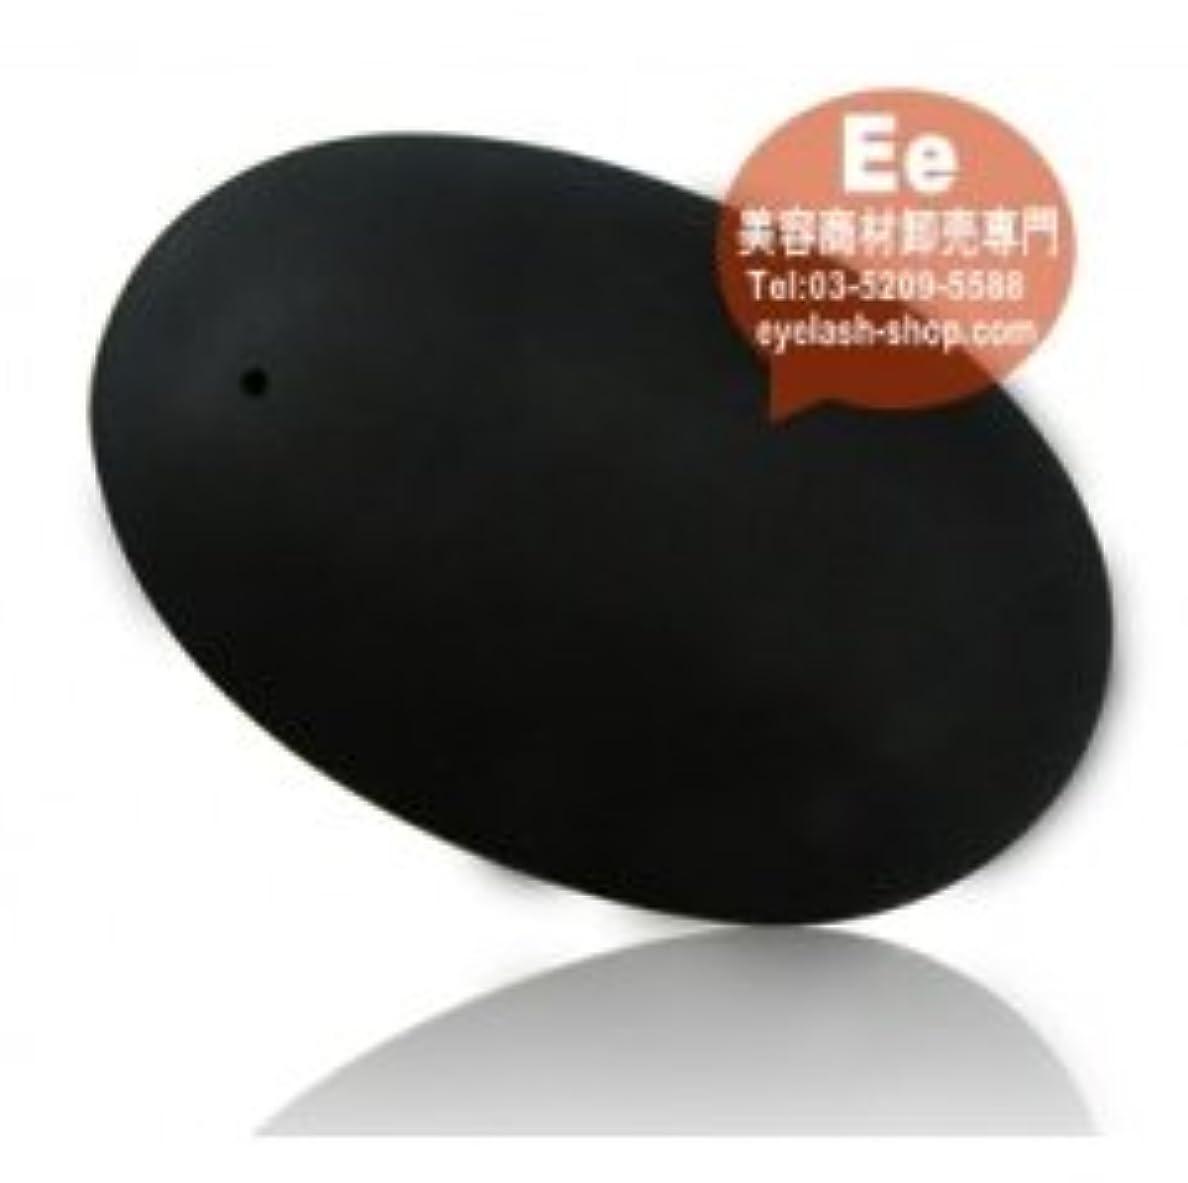 全滅させるお金ゴム安いです【100%本物保障】最高級天然石美容カッサプレート 天然石カッサ板 S-9